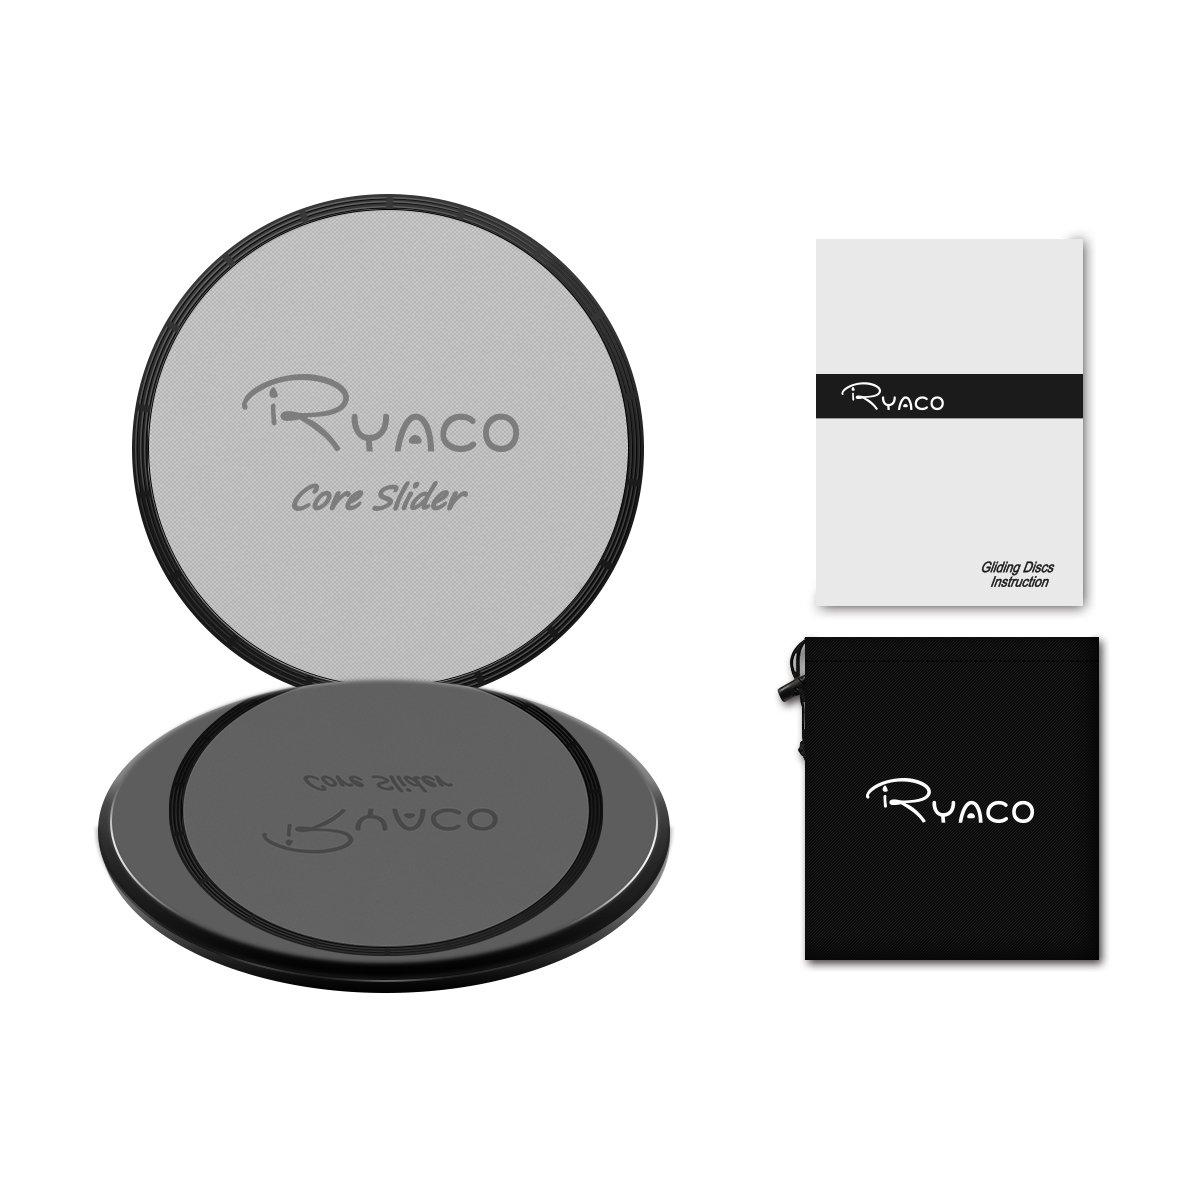 RYACO Gleitscheiben – Doppelseitige Gliding Discs für Hause Training Bauch Workouts & Ganzkörpertraining – Gratis Tragebeutel – Für Teppich & Holzböden 91GD-AFR2P-3BLR